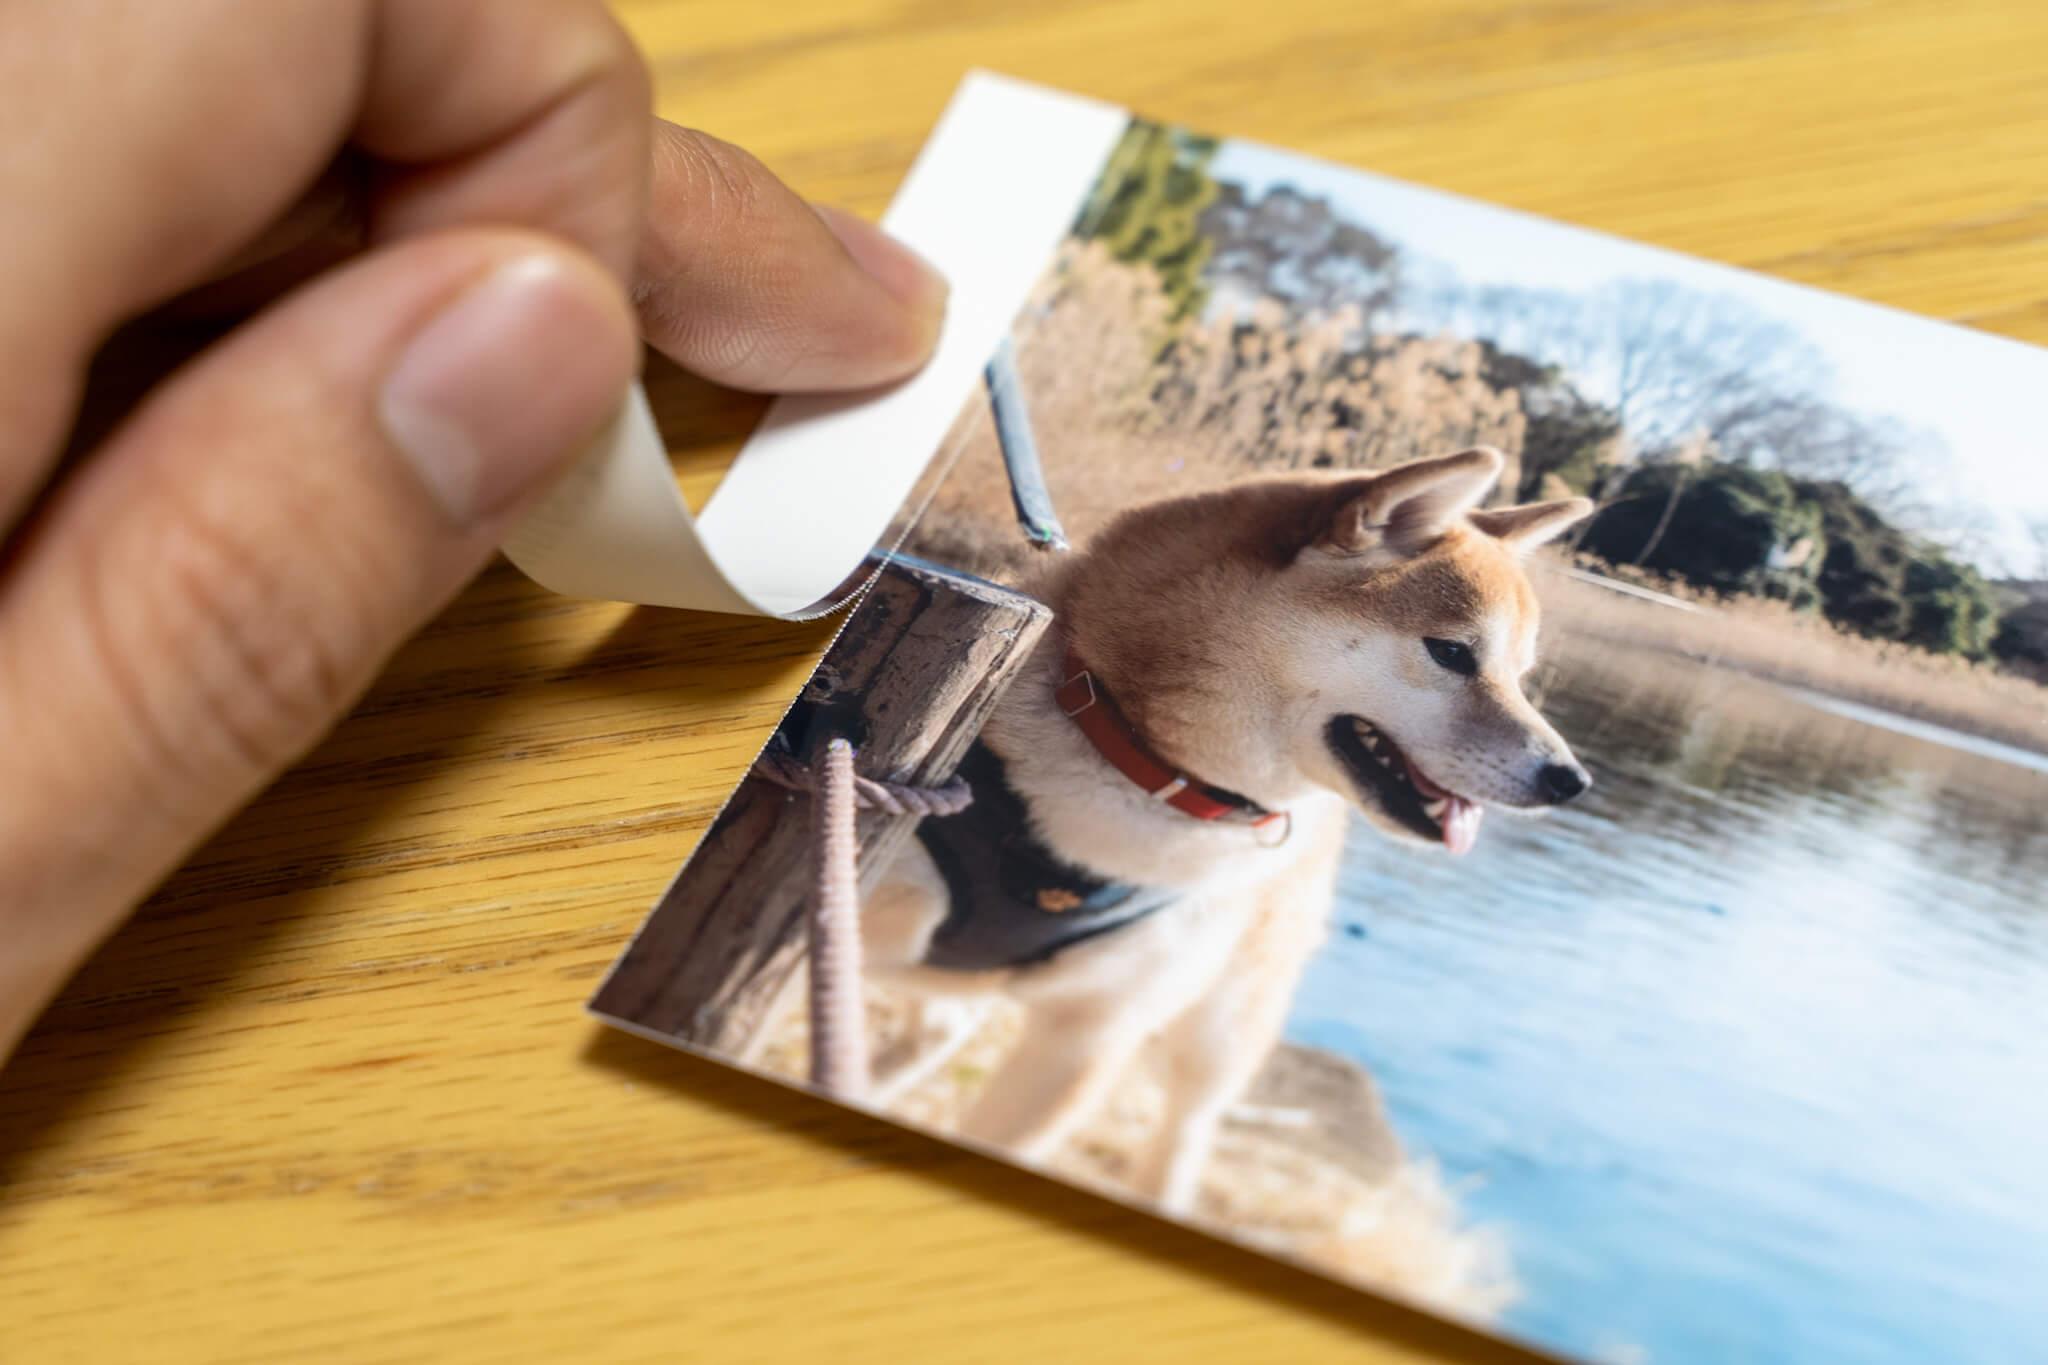 使ってみてわかった「Canon SELPHY CP1300」の注意点 Lサイズの用紙は余白を手で切り取る仕様